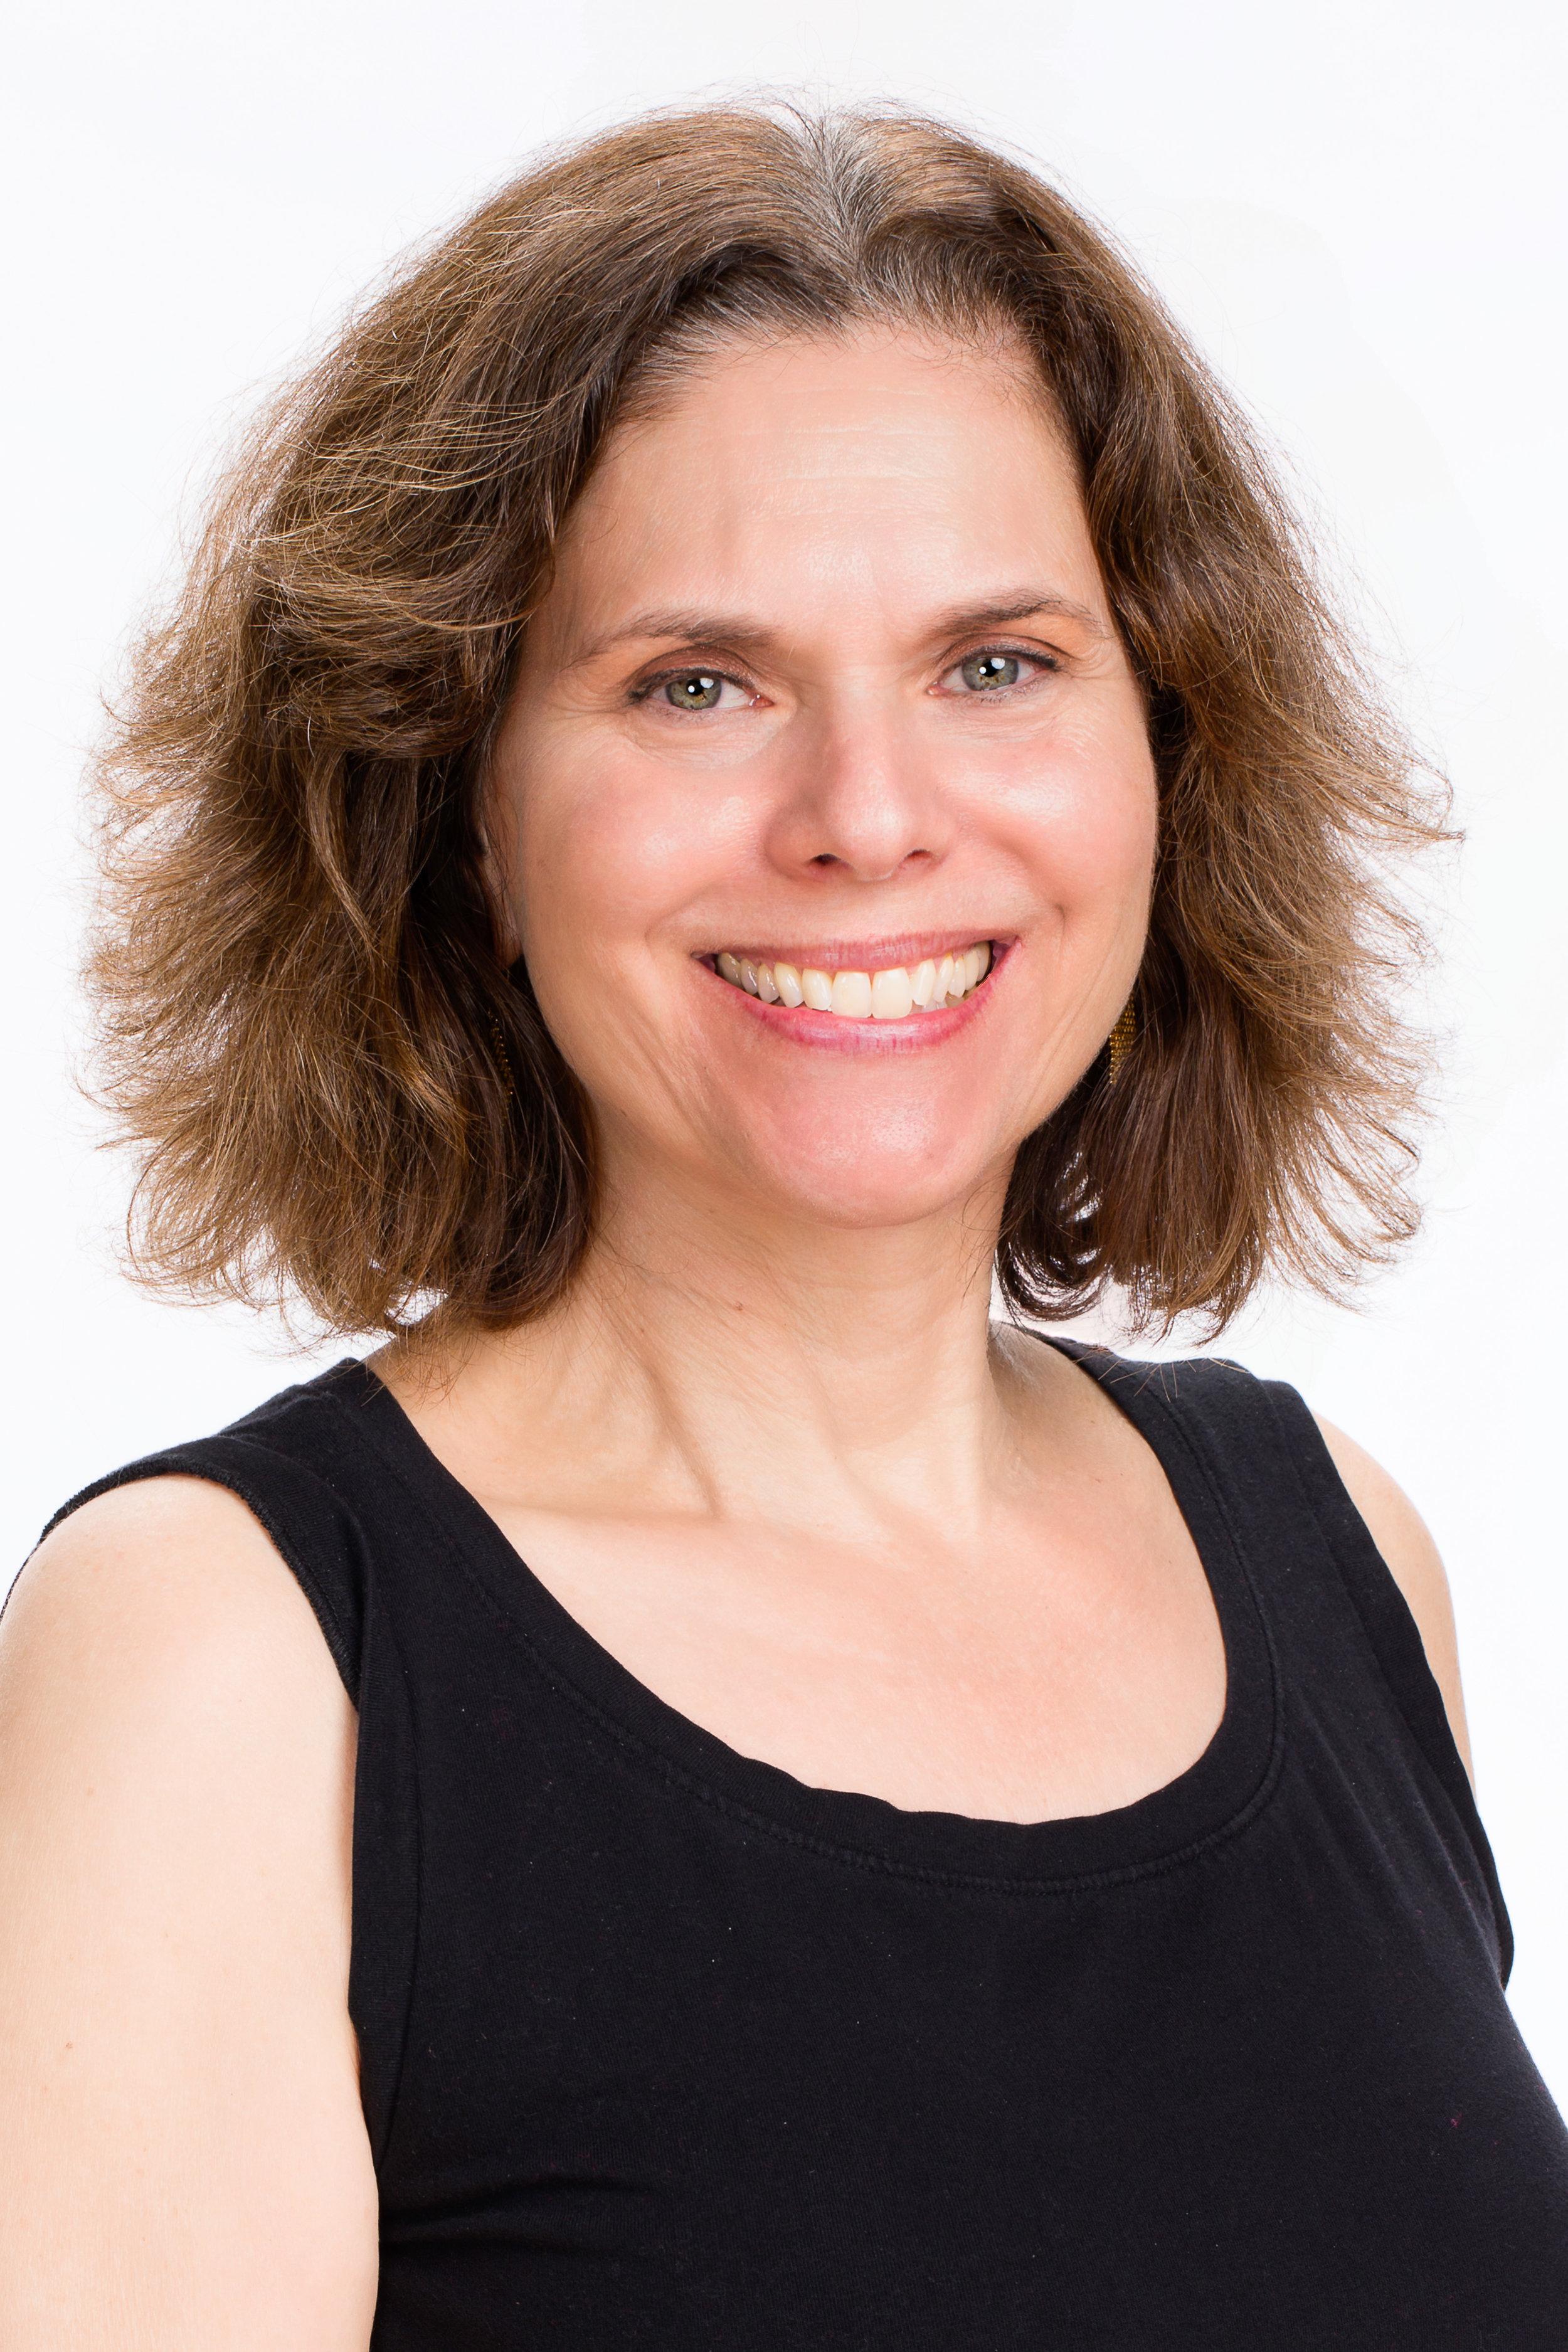 DIANE L. KAUFMAN, MD